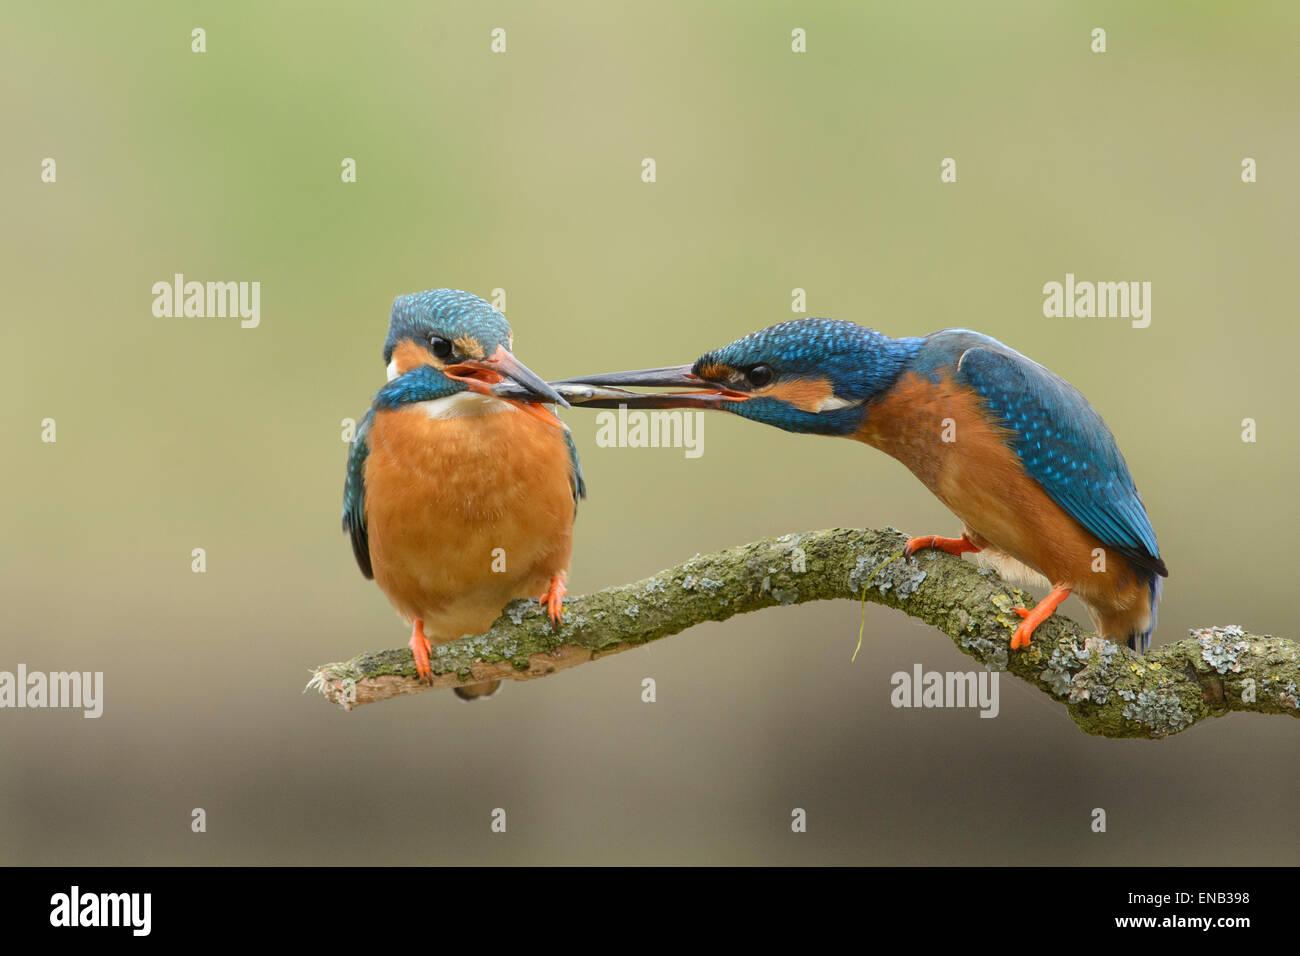 Le comportement de cour d'un couple de martin-pêcheurs. L'homme offre un poisson à sa femelle. Photo Stock